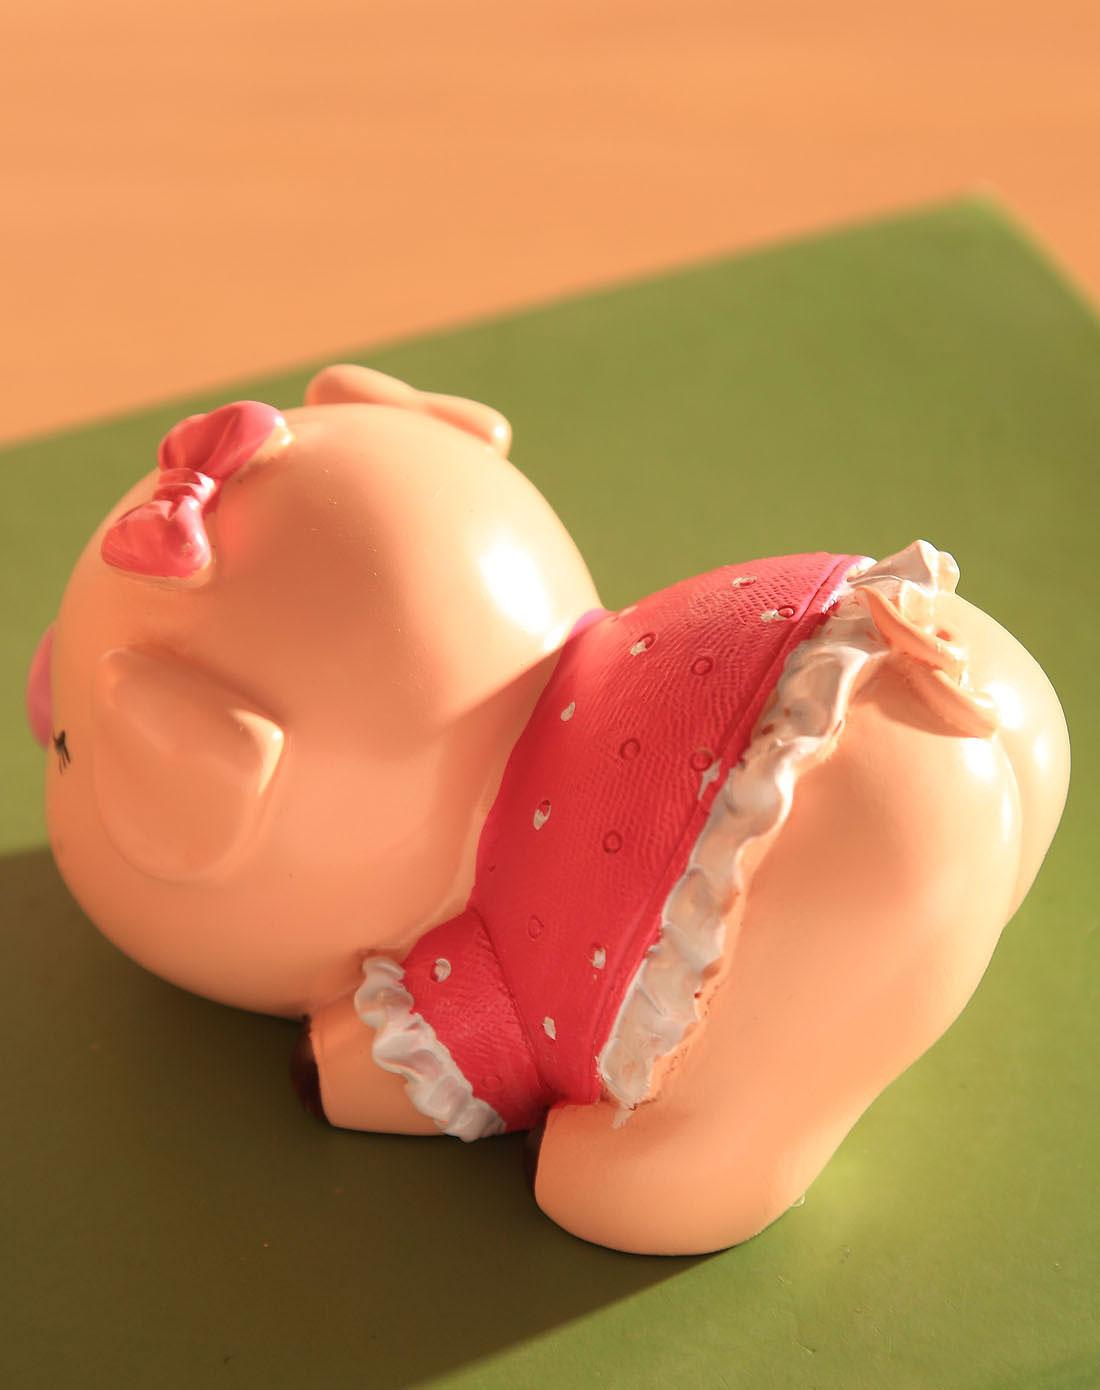 [ 荷玛 ] 卡通树脂工艺摆件-磁吸亲嘴猪一对